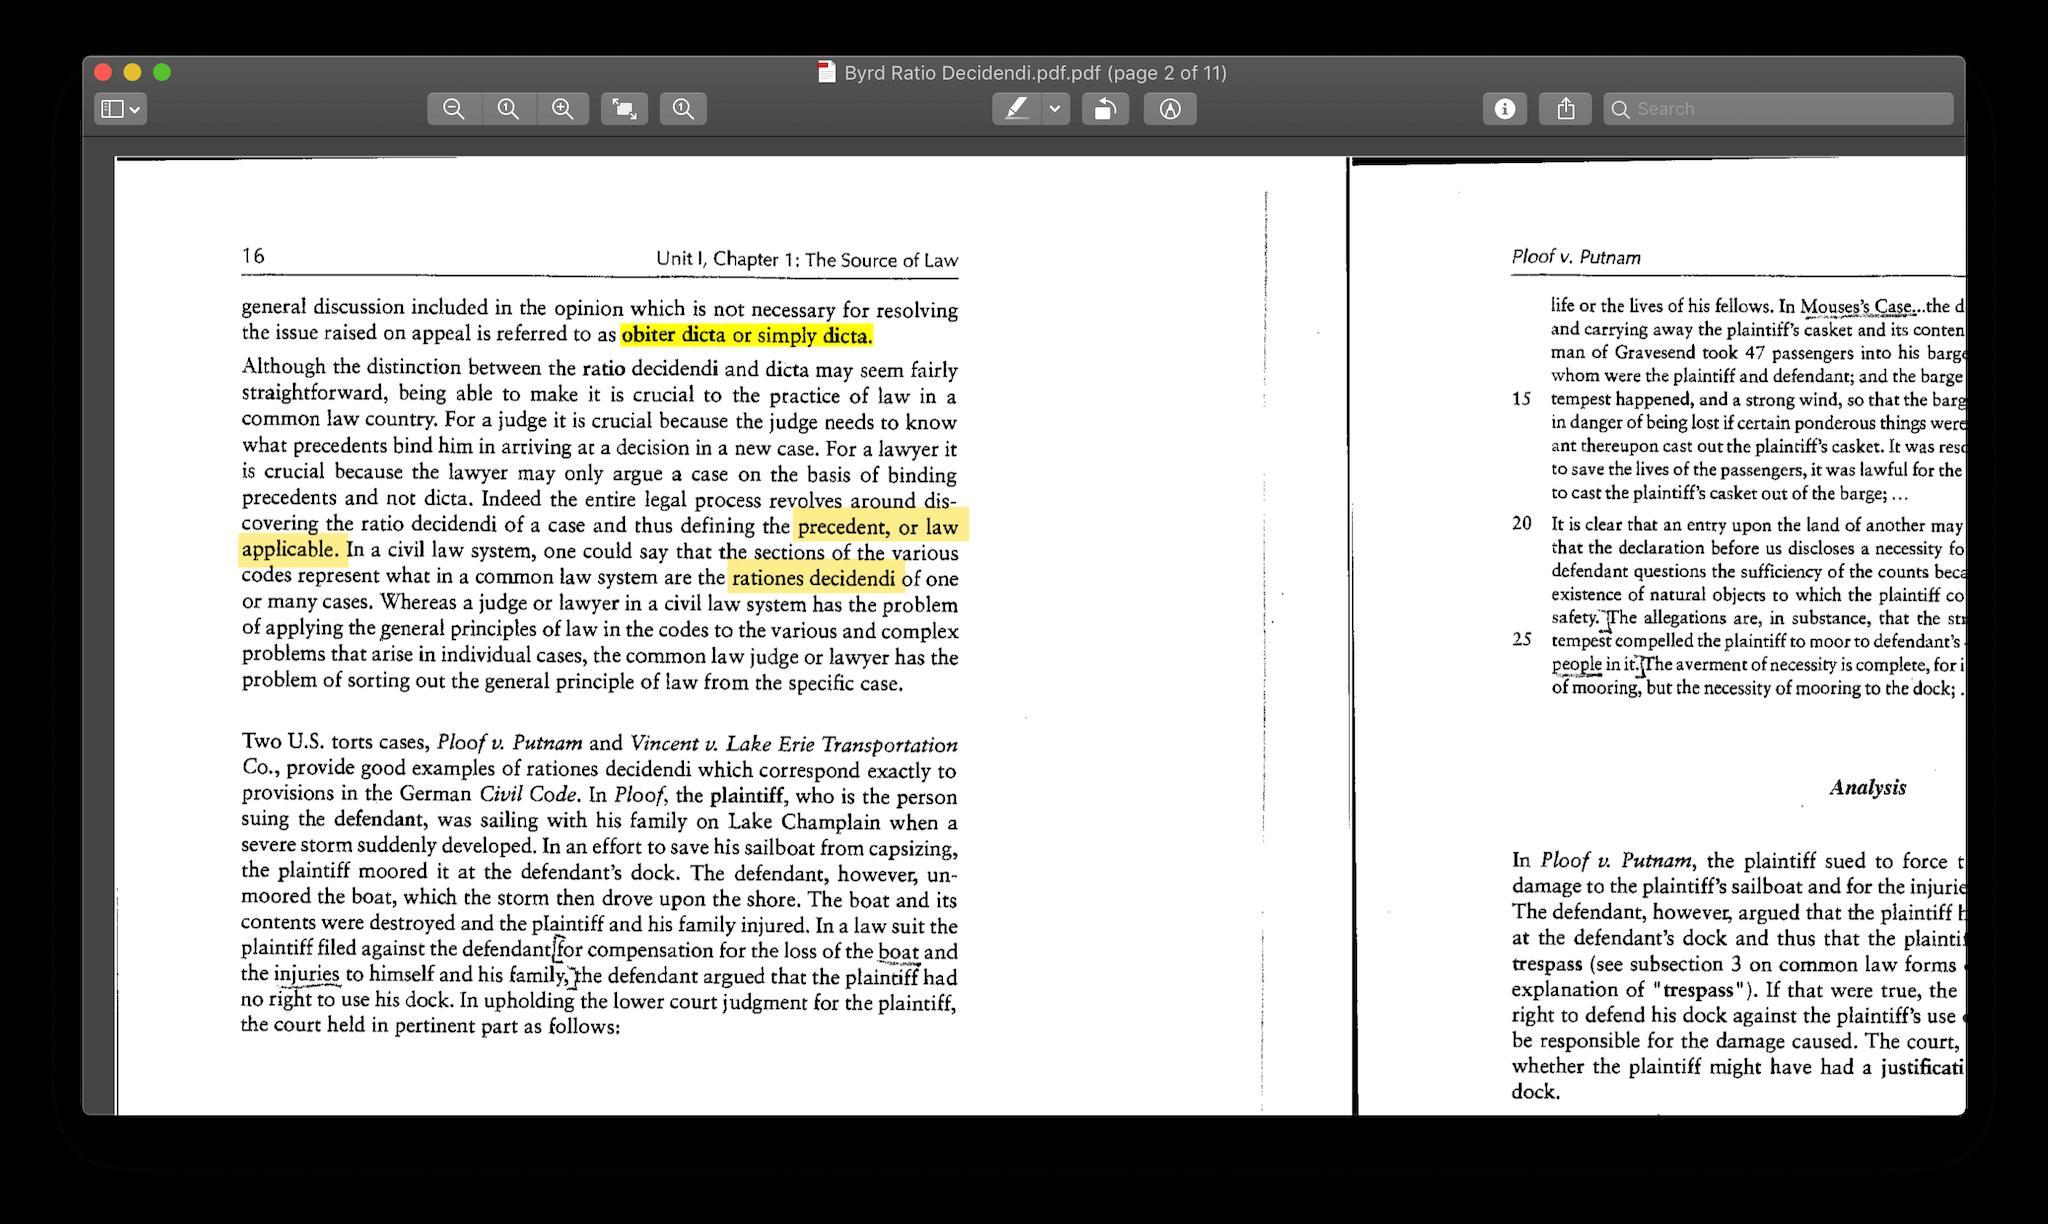 经过 OCR 处理的扫描版 PDF 同样可以选中和复制